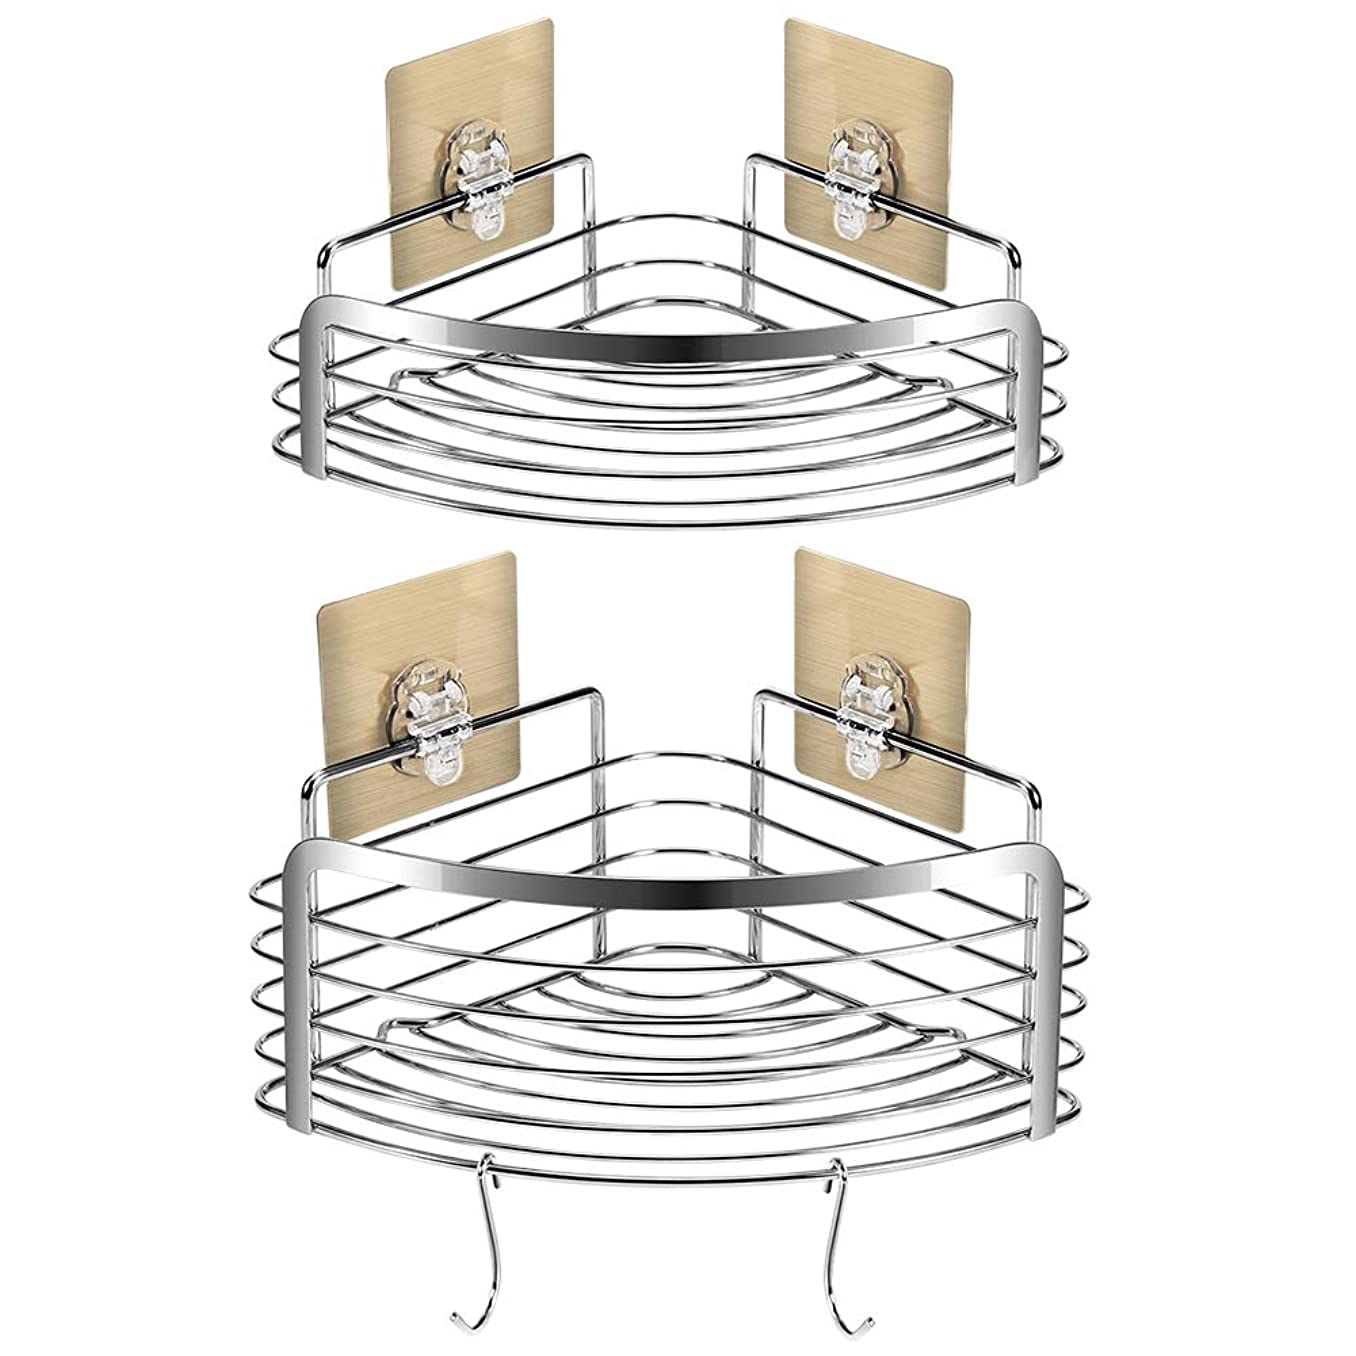 電子レンジ雨の放散する浴室コーナー棚ステンレスシンプルモダンモダンダブル収納スペース取り外し可能な安全